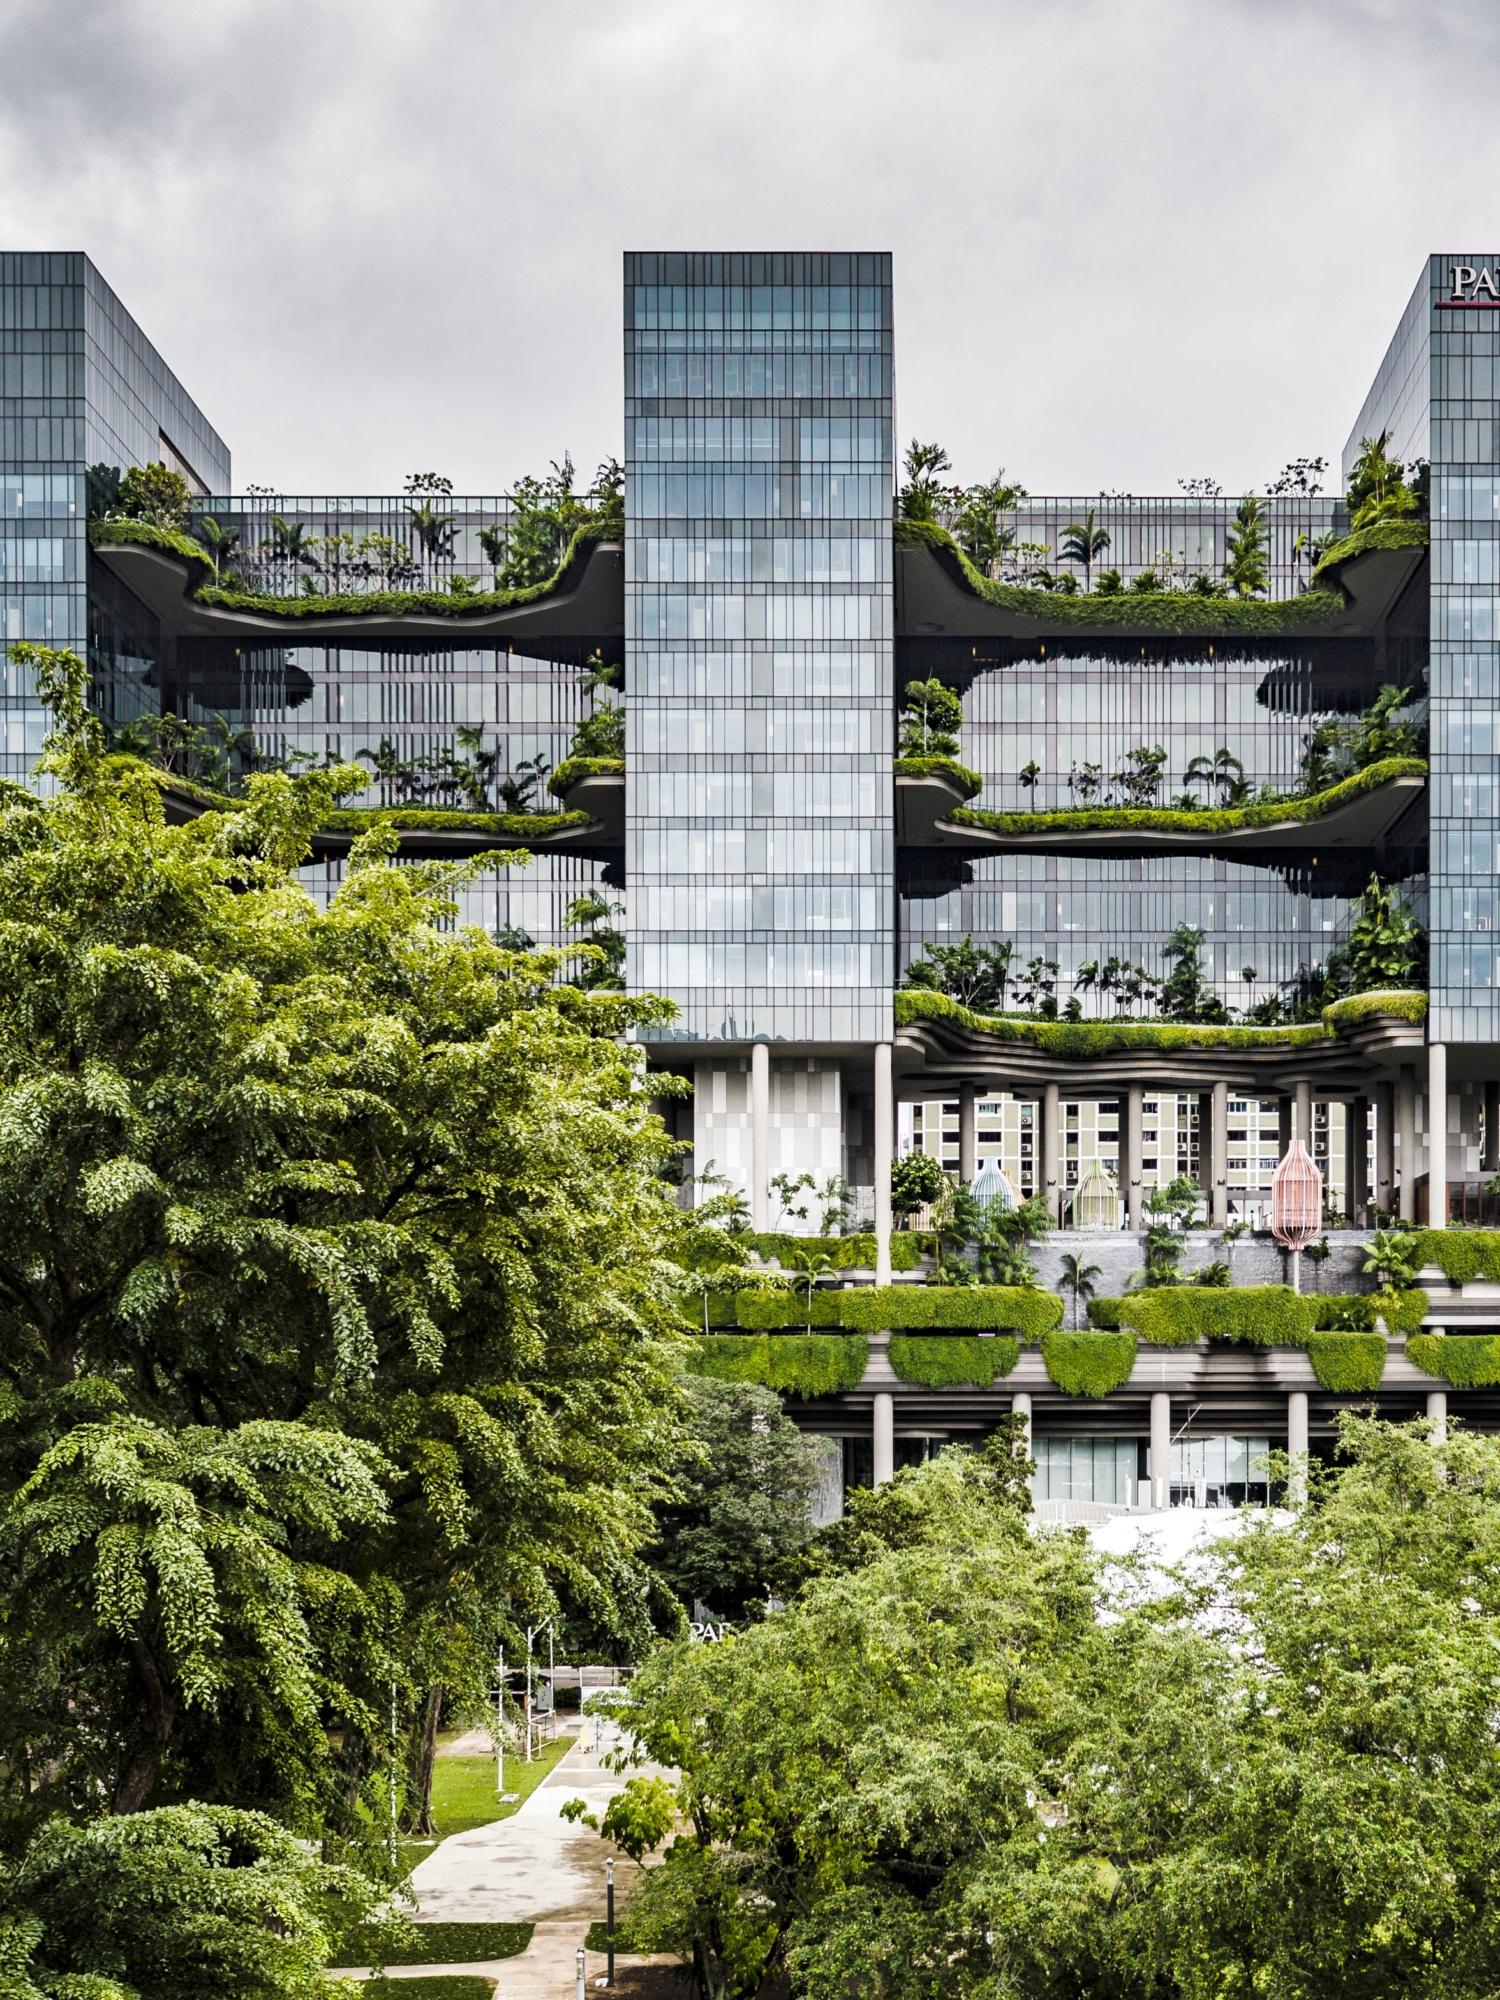 Jardín. Edificios sostenibles.